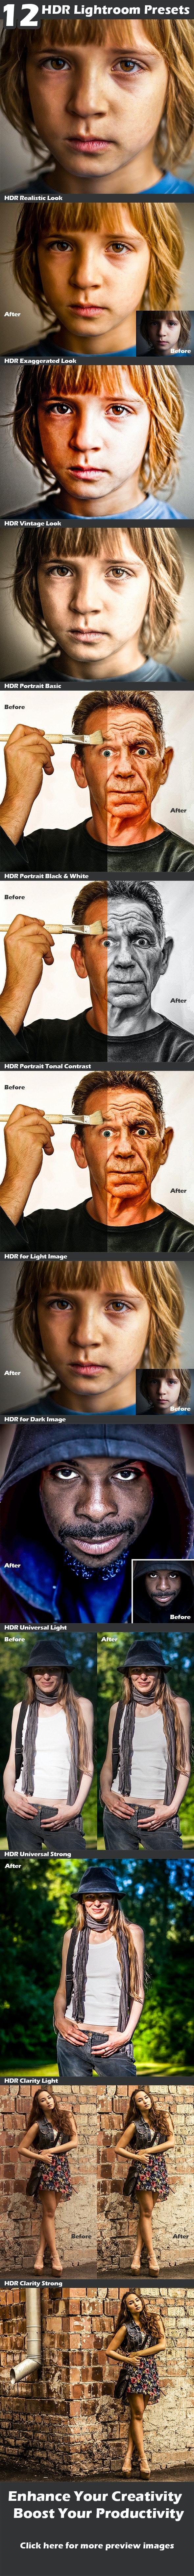 HDR Presets - HDR Lightroom Presets